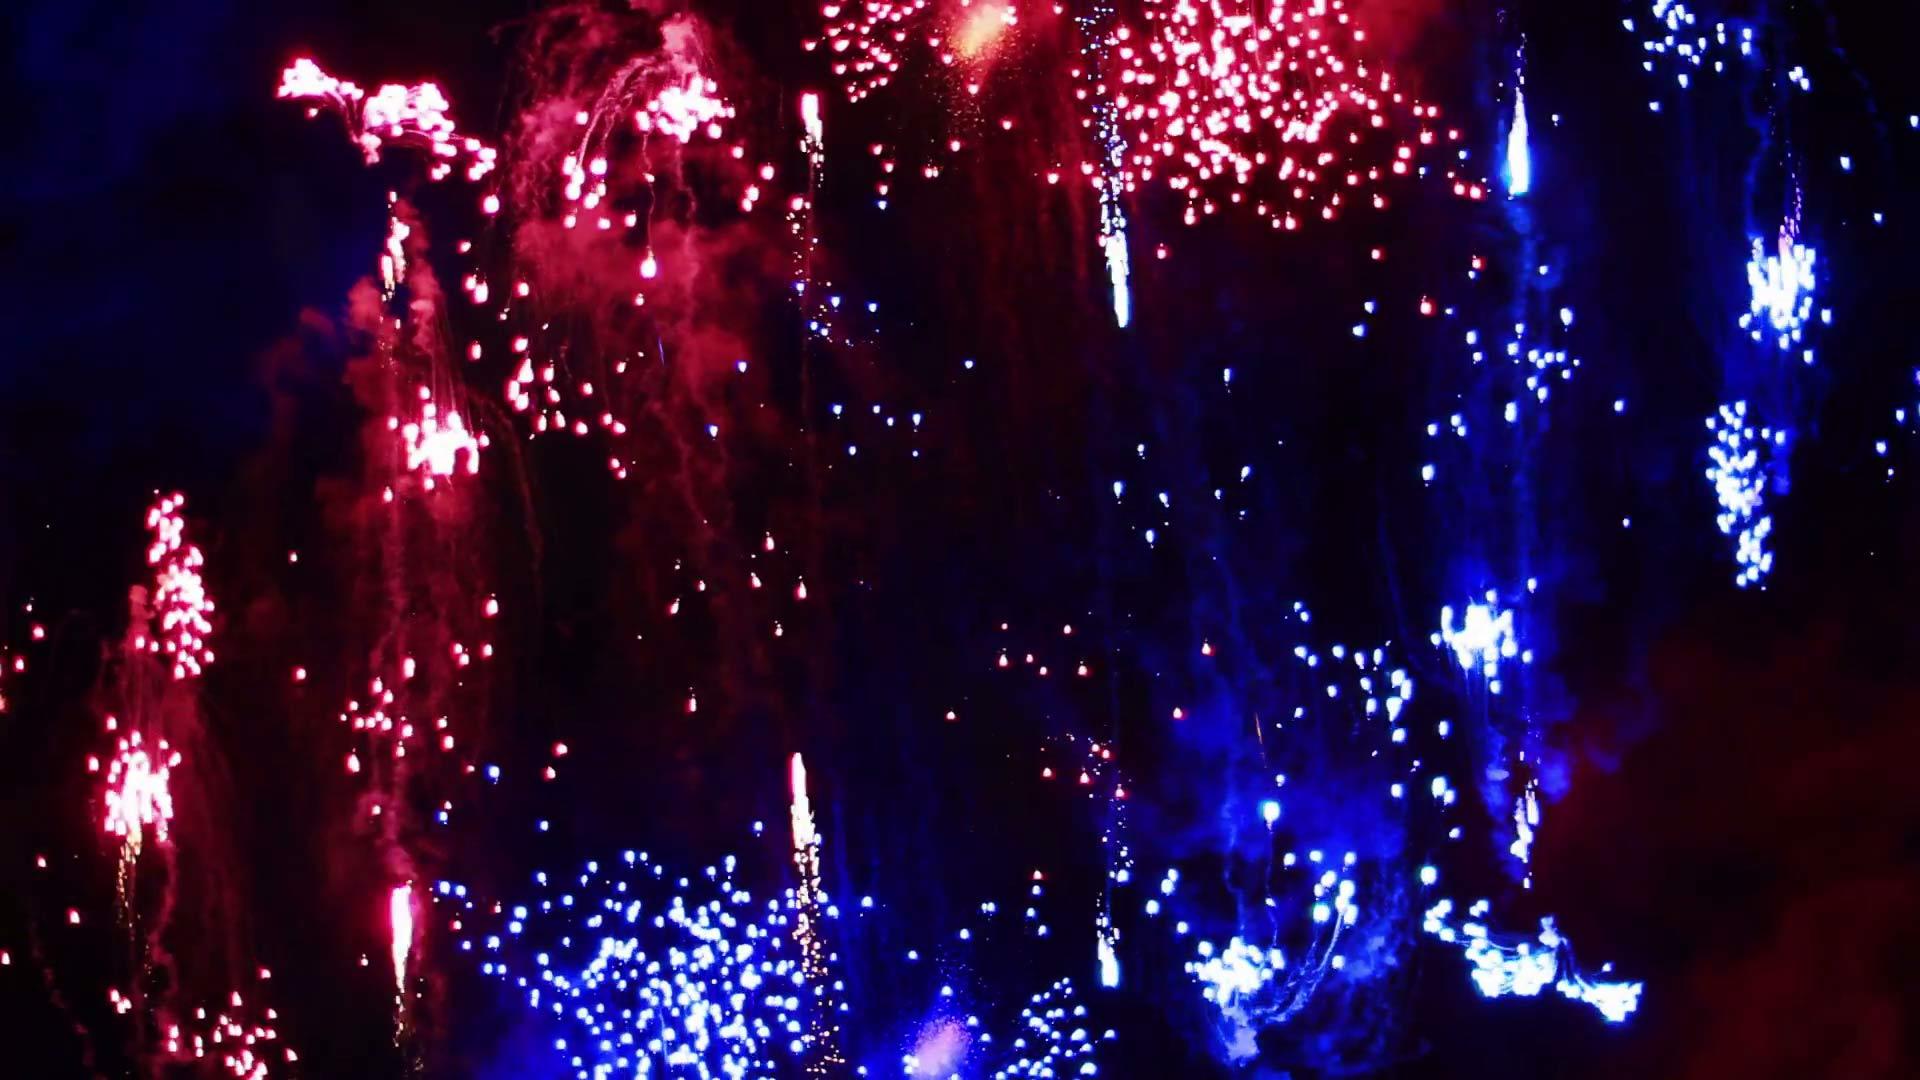 Fireworks bg